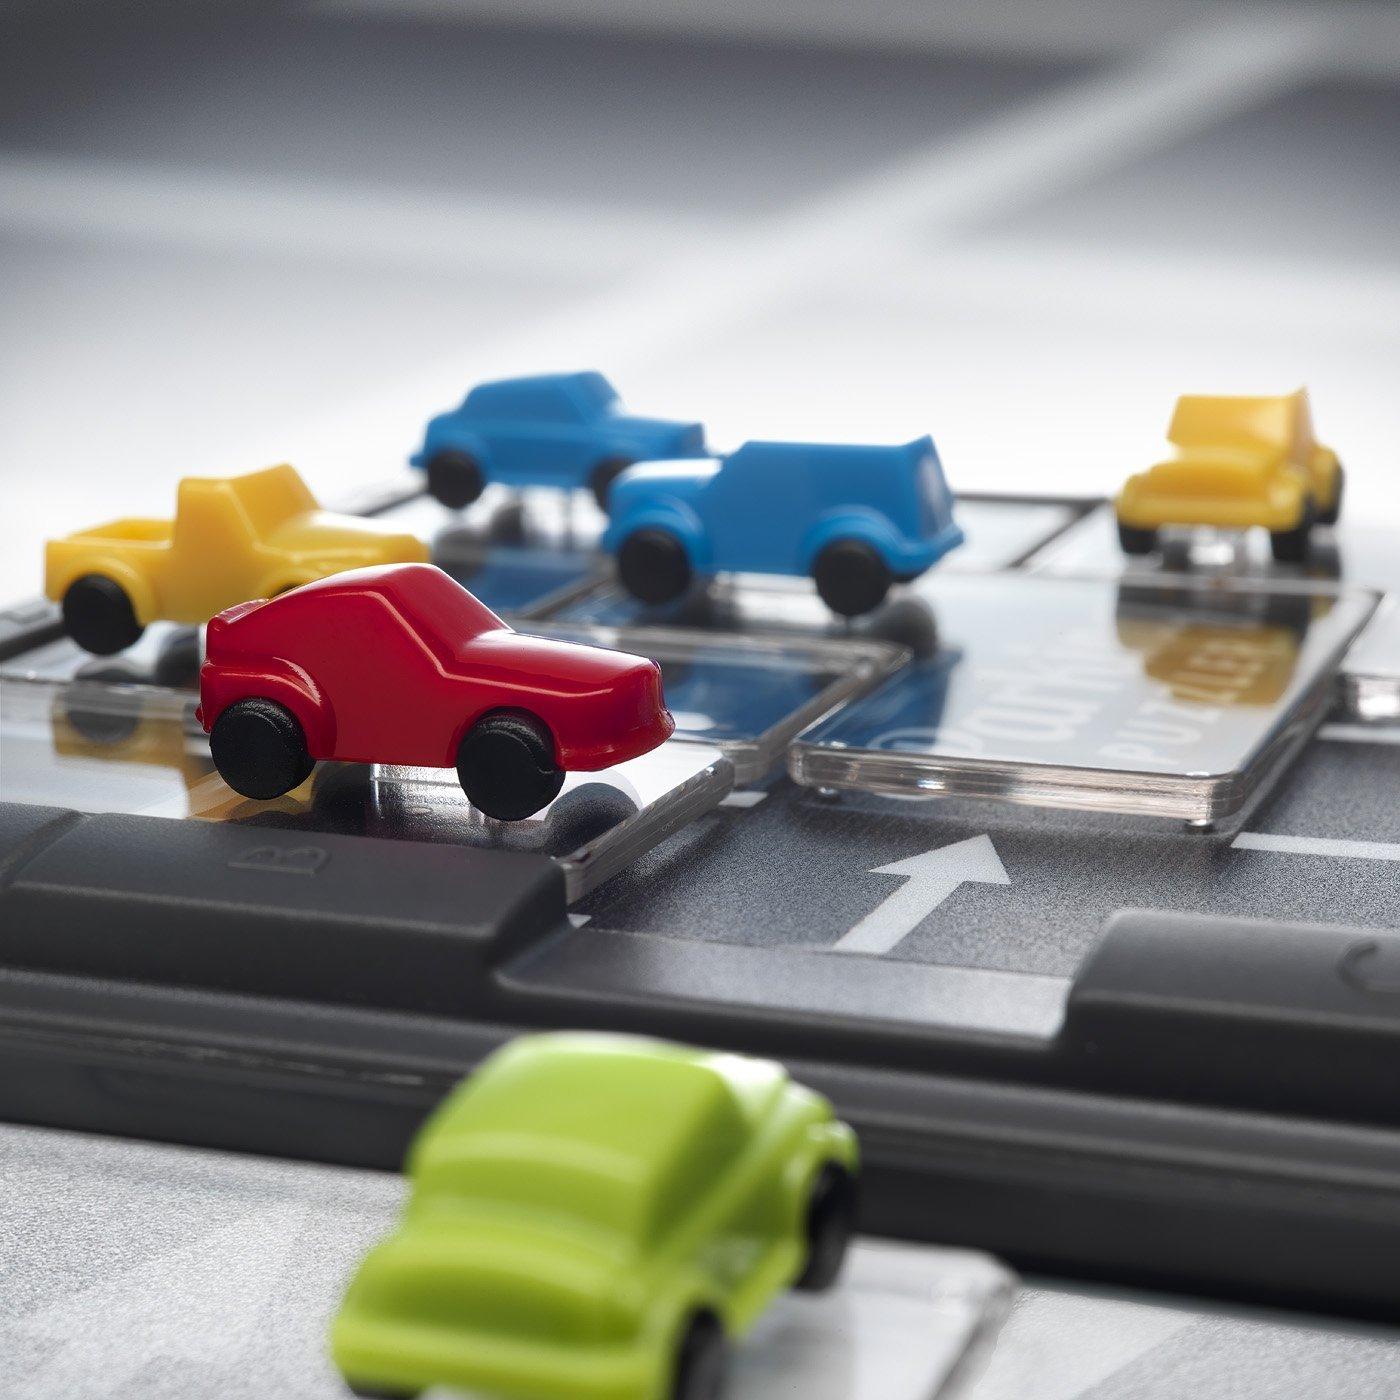 比利时Smart Games桌游Parking Puzzler停车泊车攻略益智玩具6+